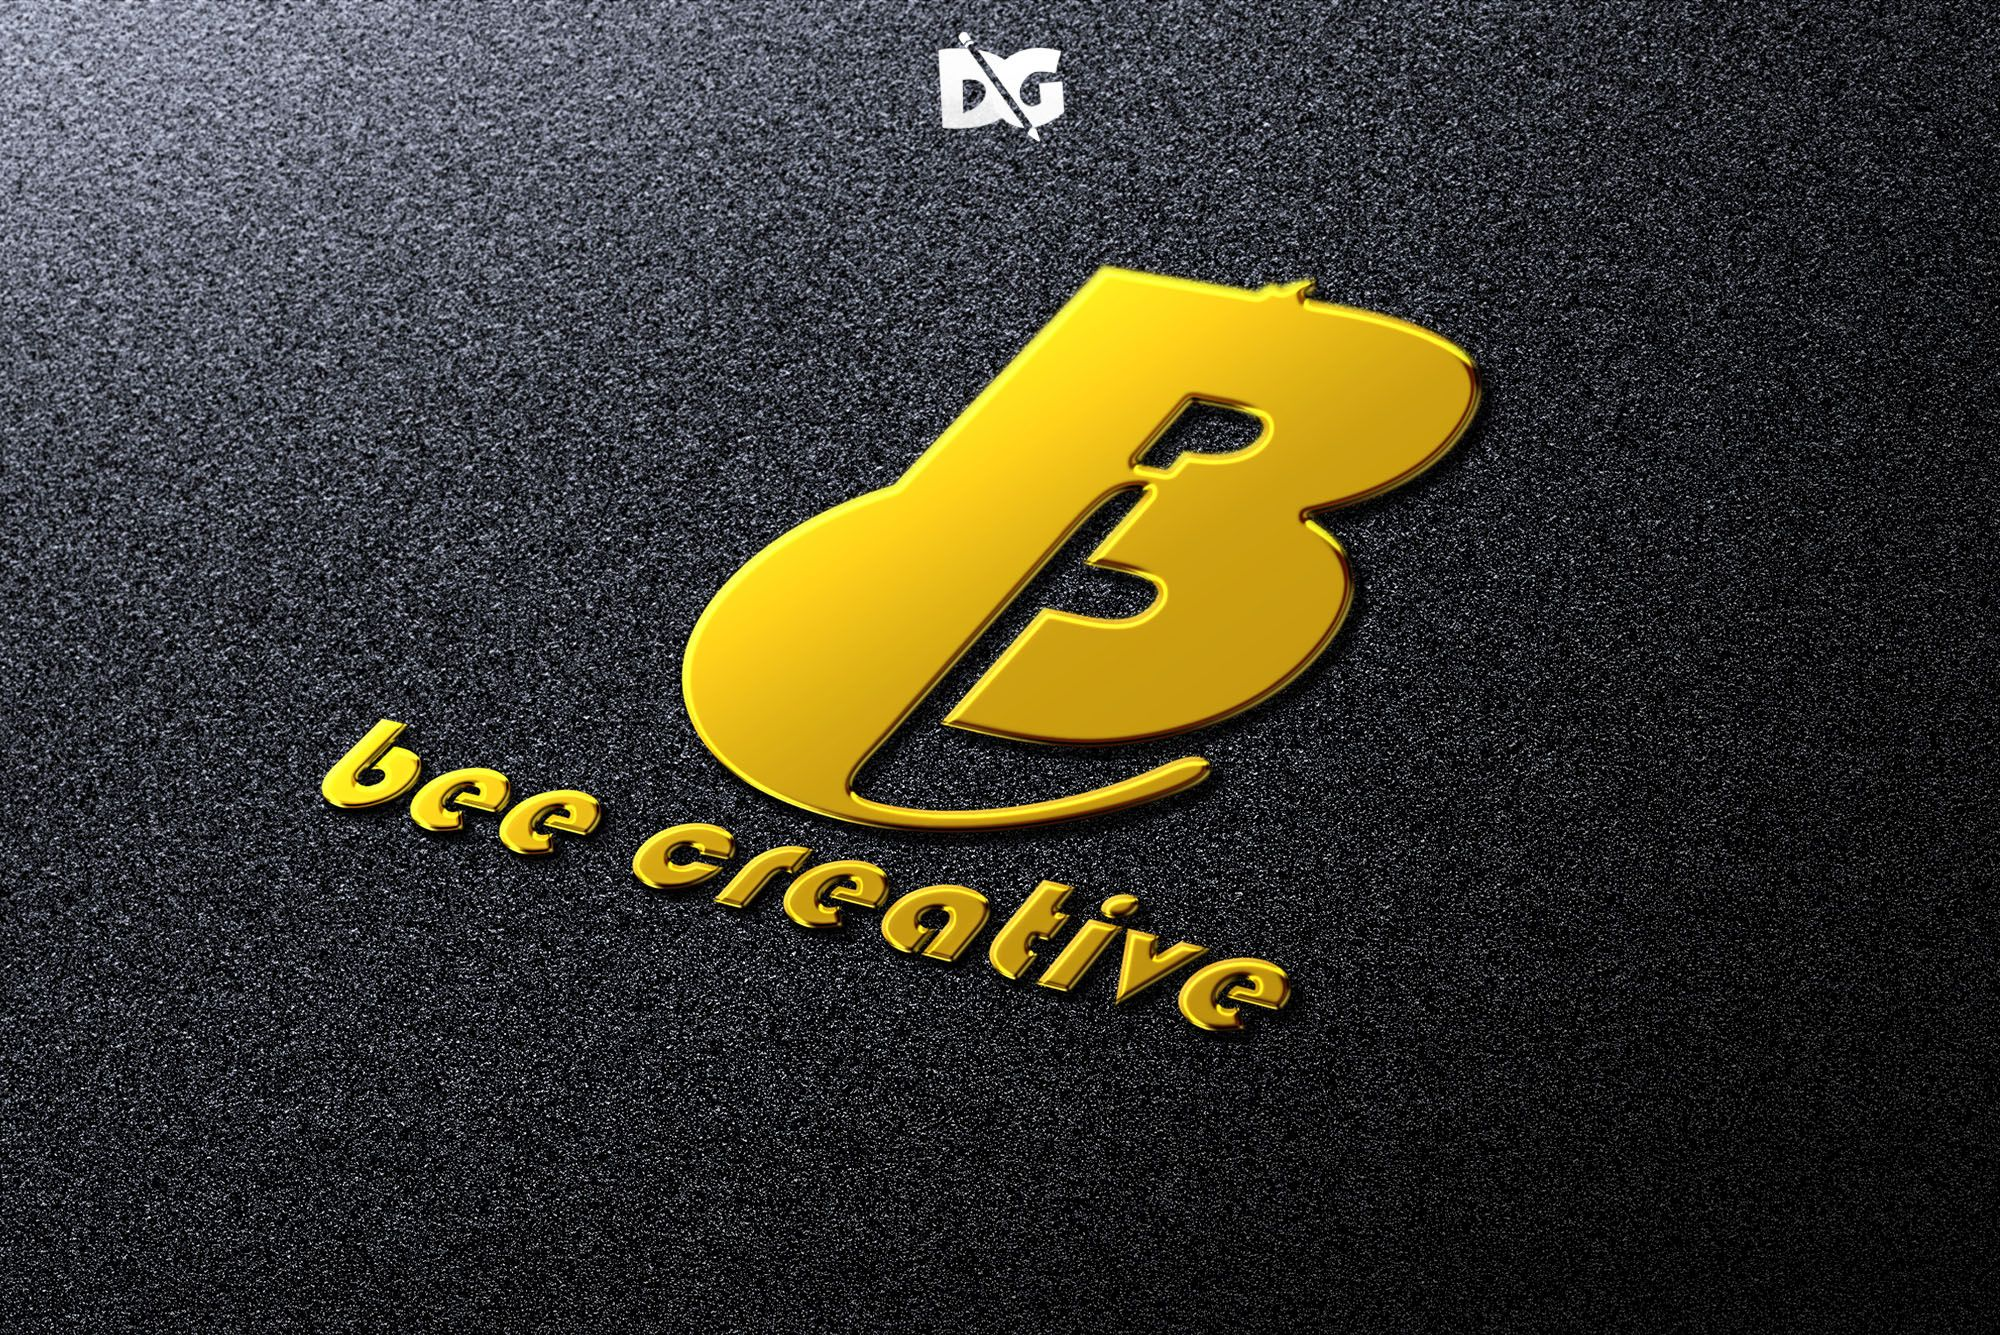 Black Plastic Sheet Logo Mockup Gold Download Downloadpsd Free Freepsd Logomockup Mock Ups Mockup Mock Logo Design Mockup Logo Mockup Free Logo Mockup